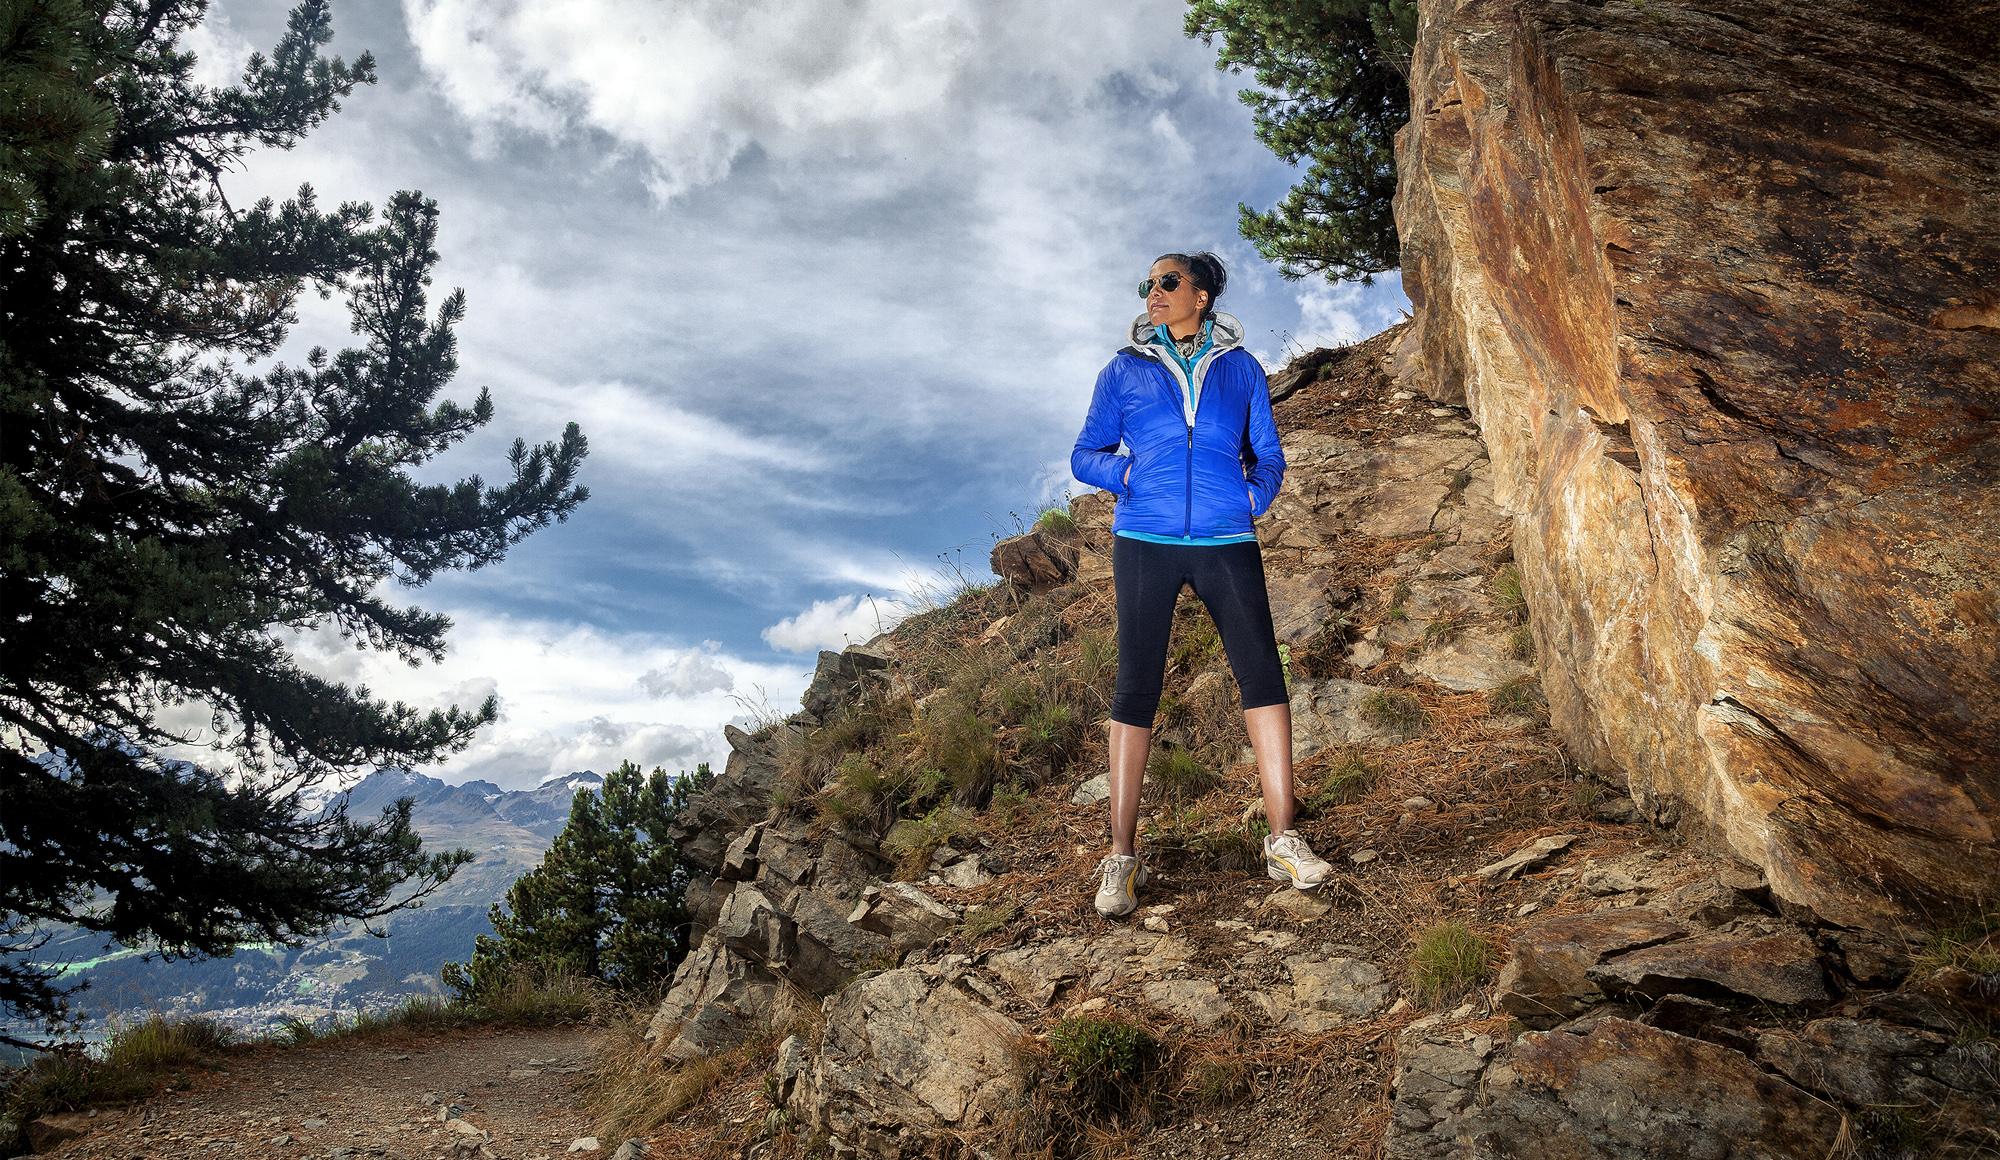 akp_Hiking.jpg